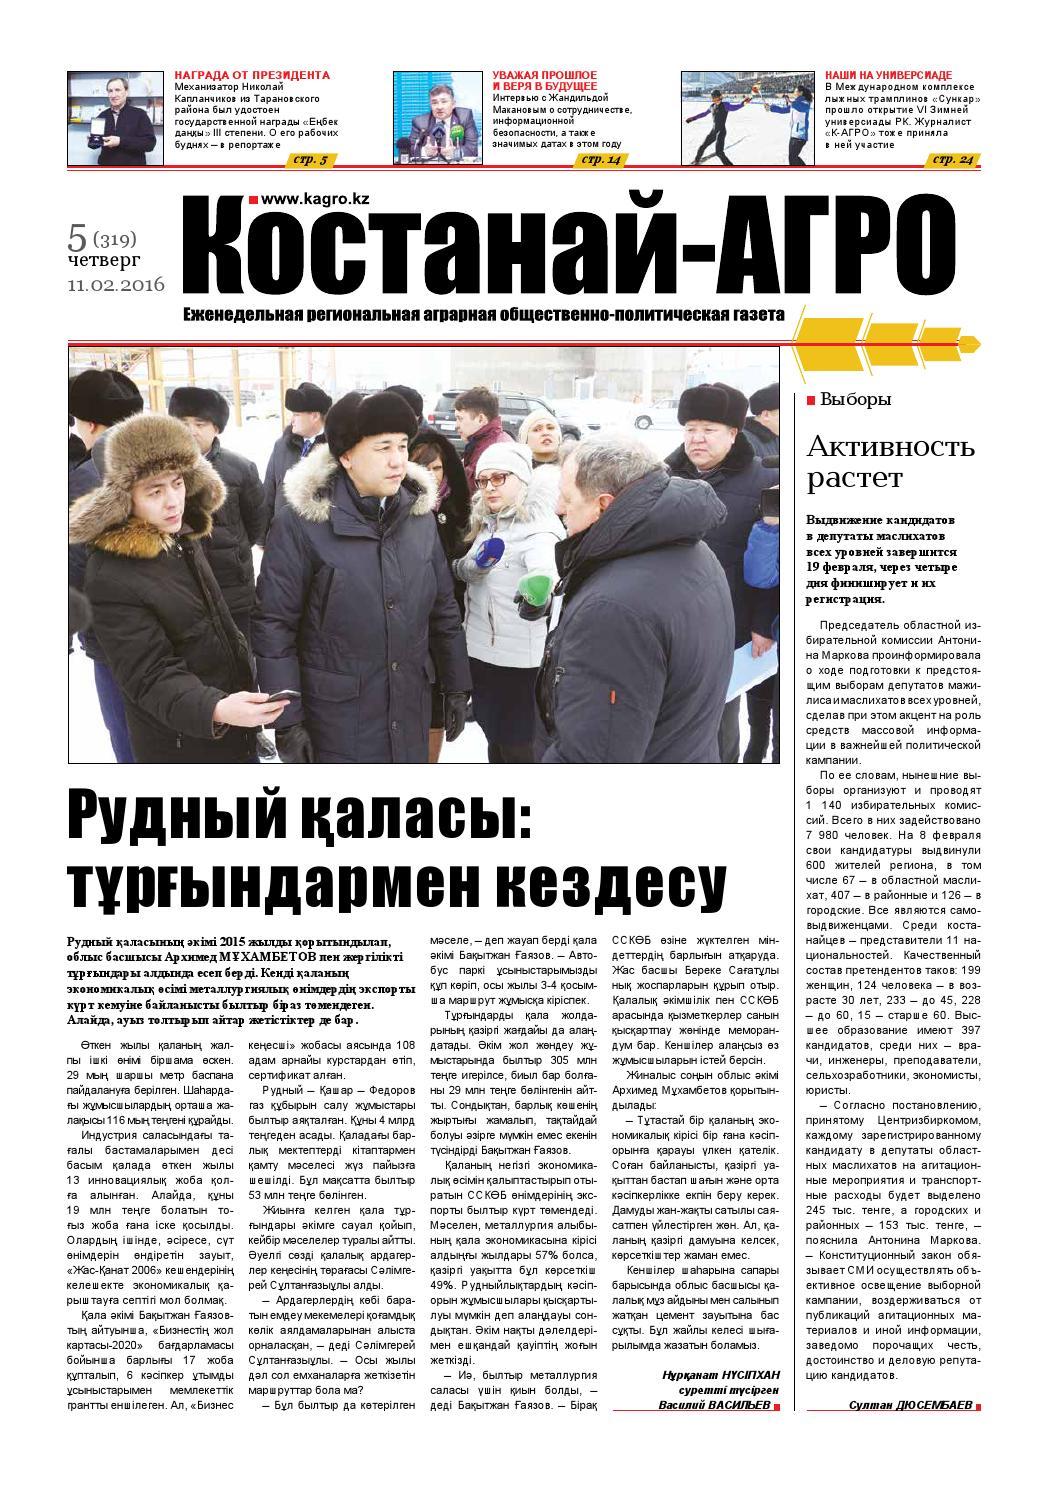 инструкция на русском к холодильнику индезит13fx